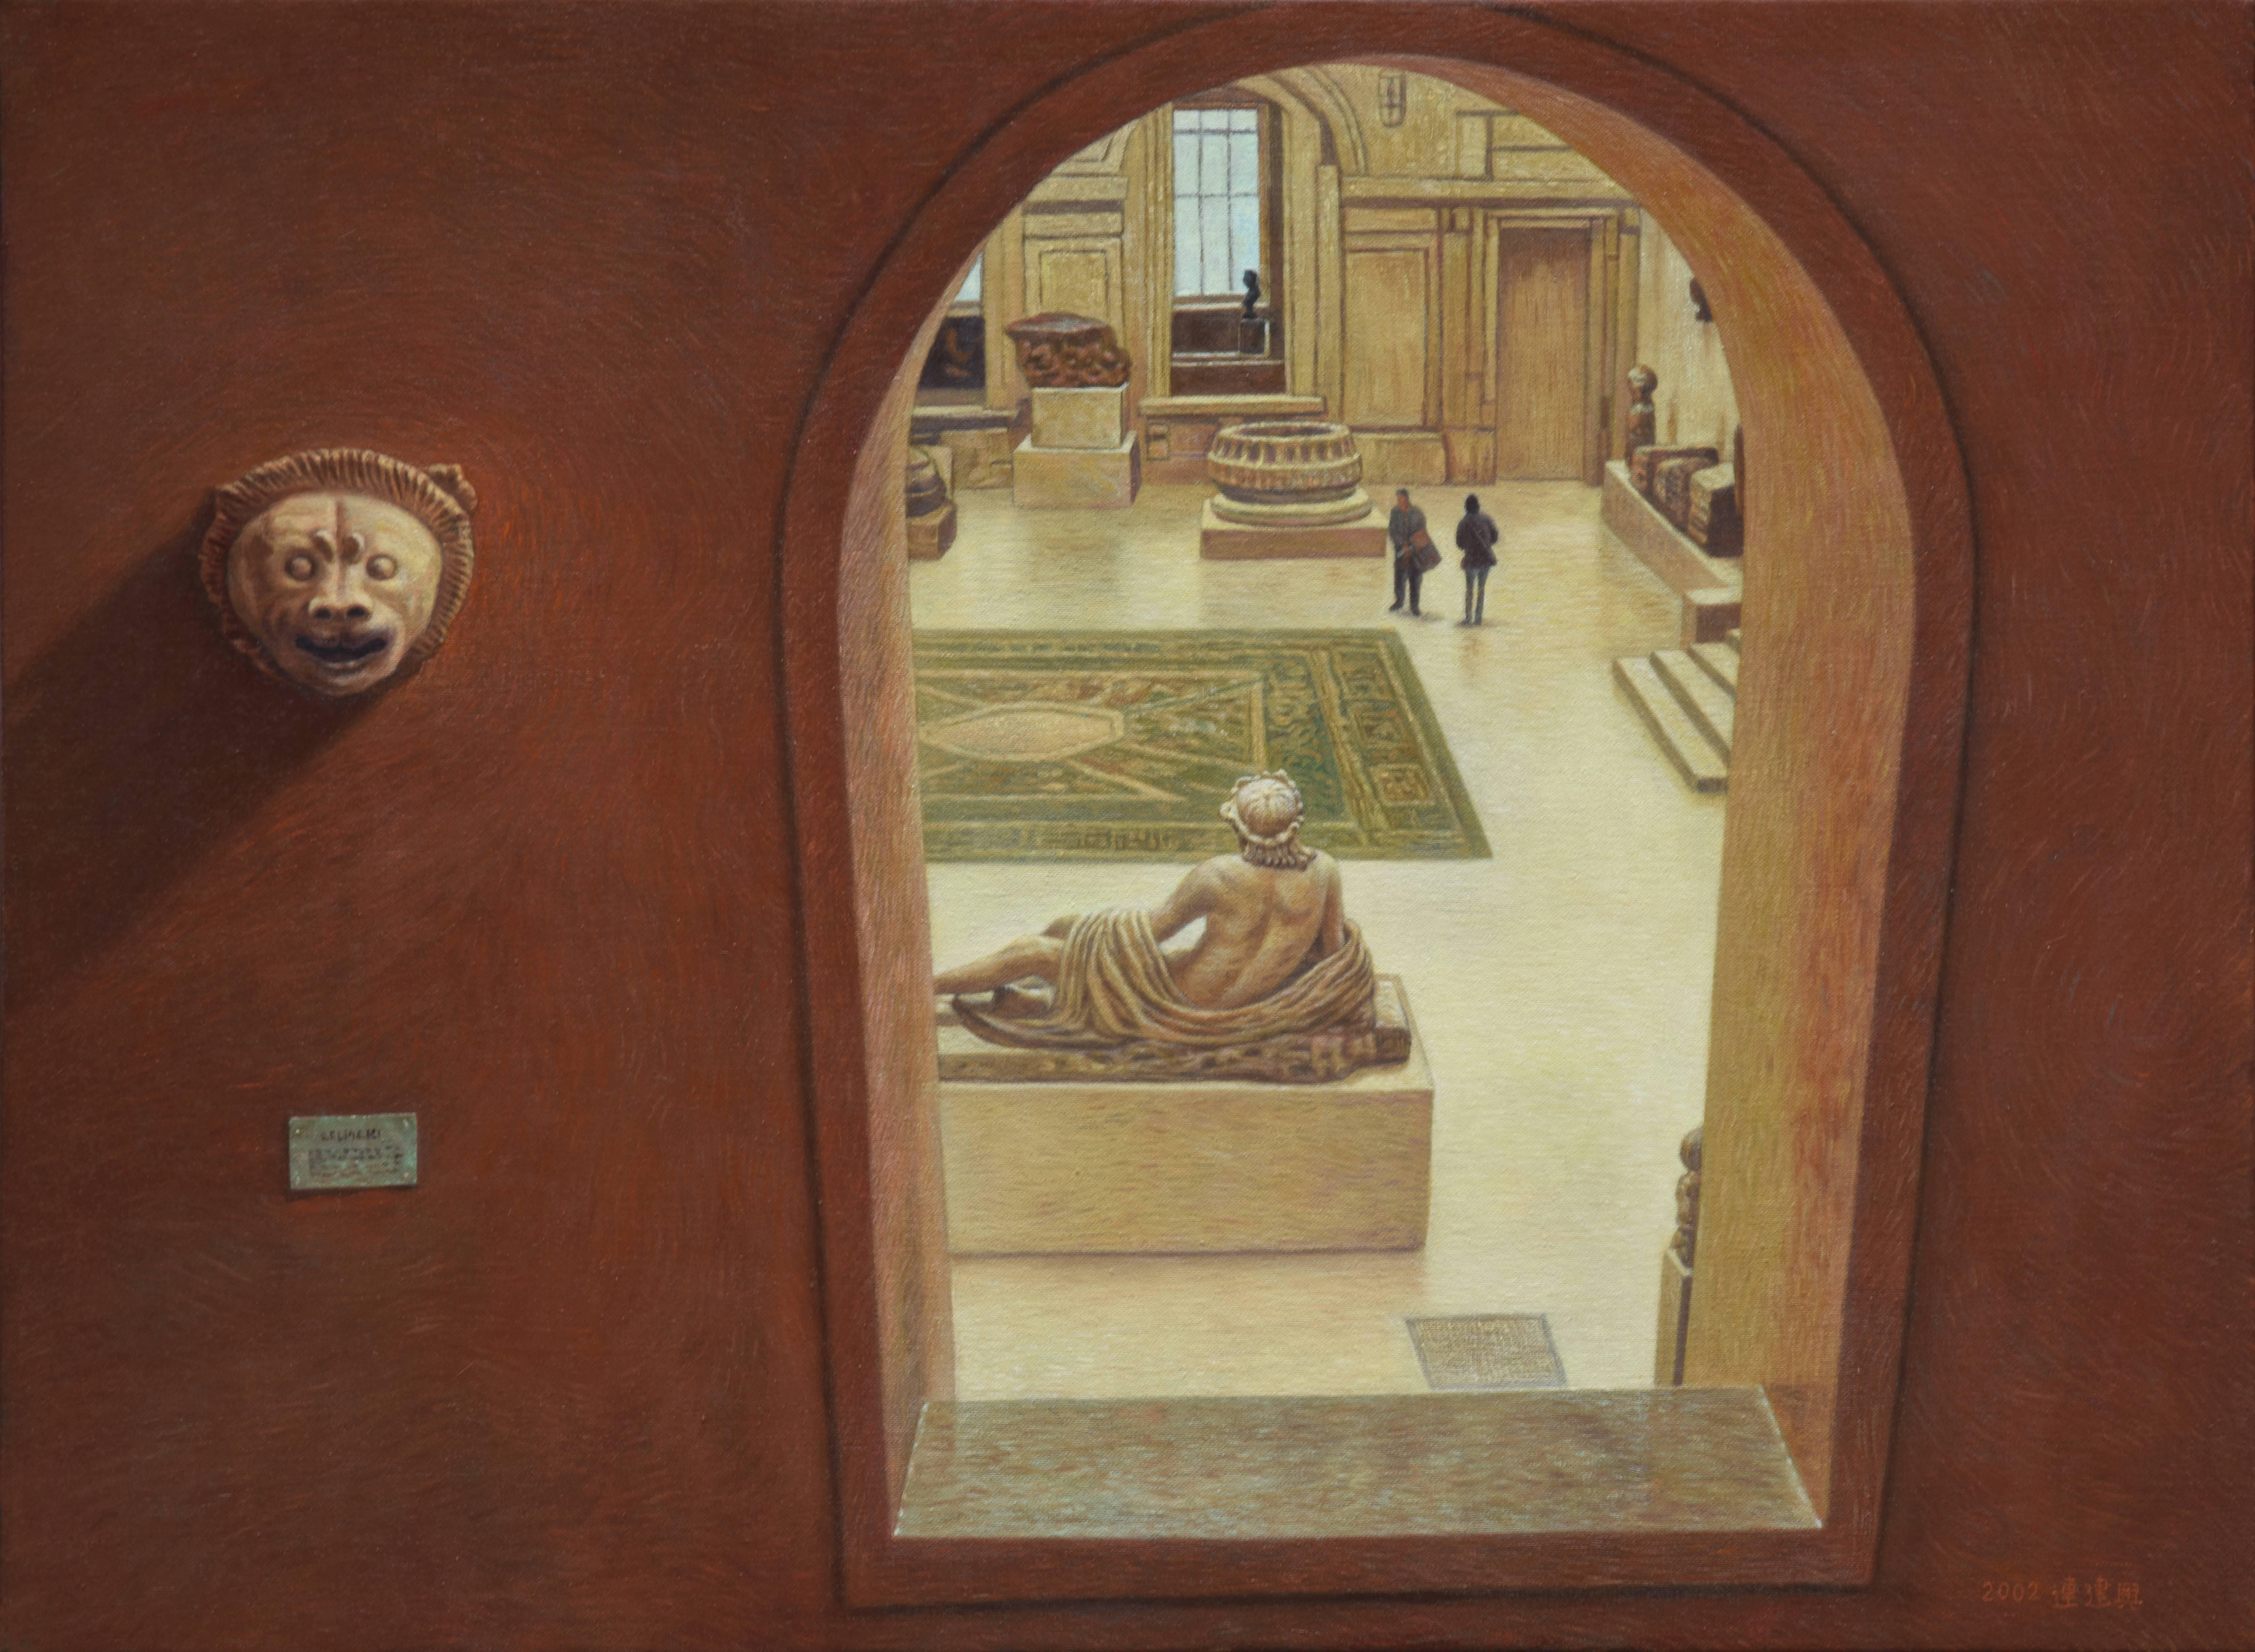 連建興|羅浮宮情調III|2002|油彩|53x72.5cm